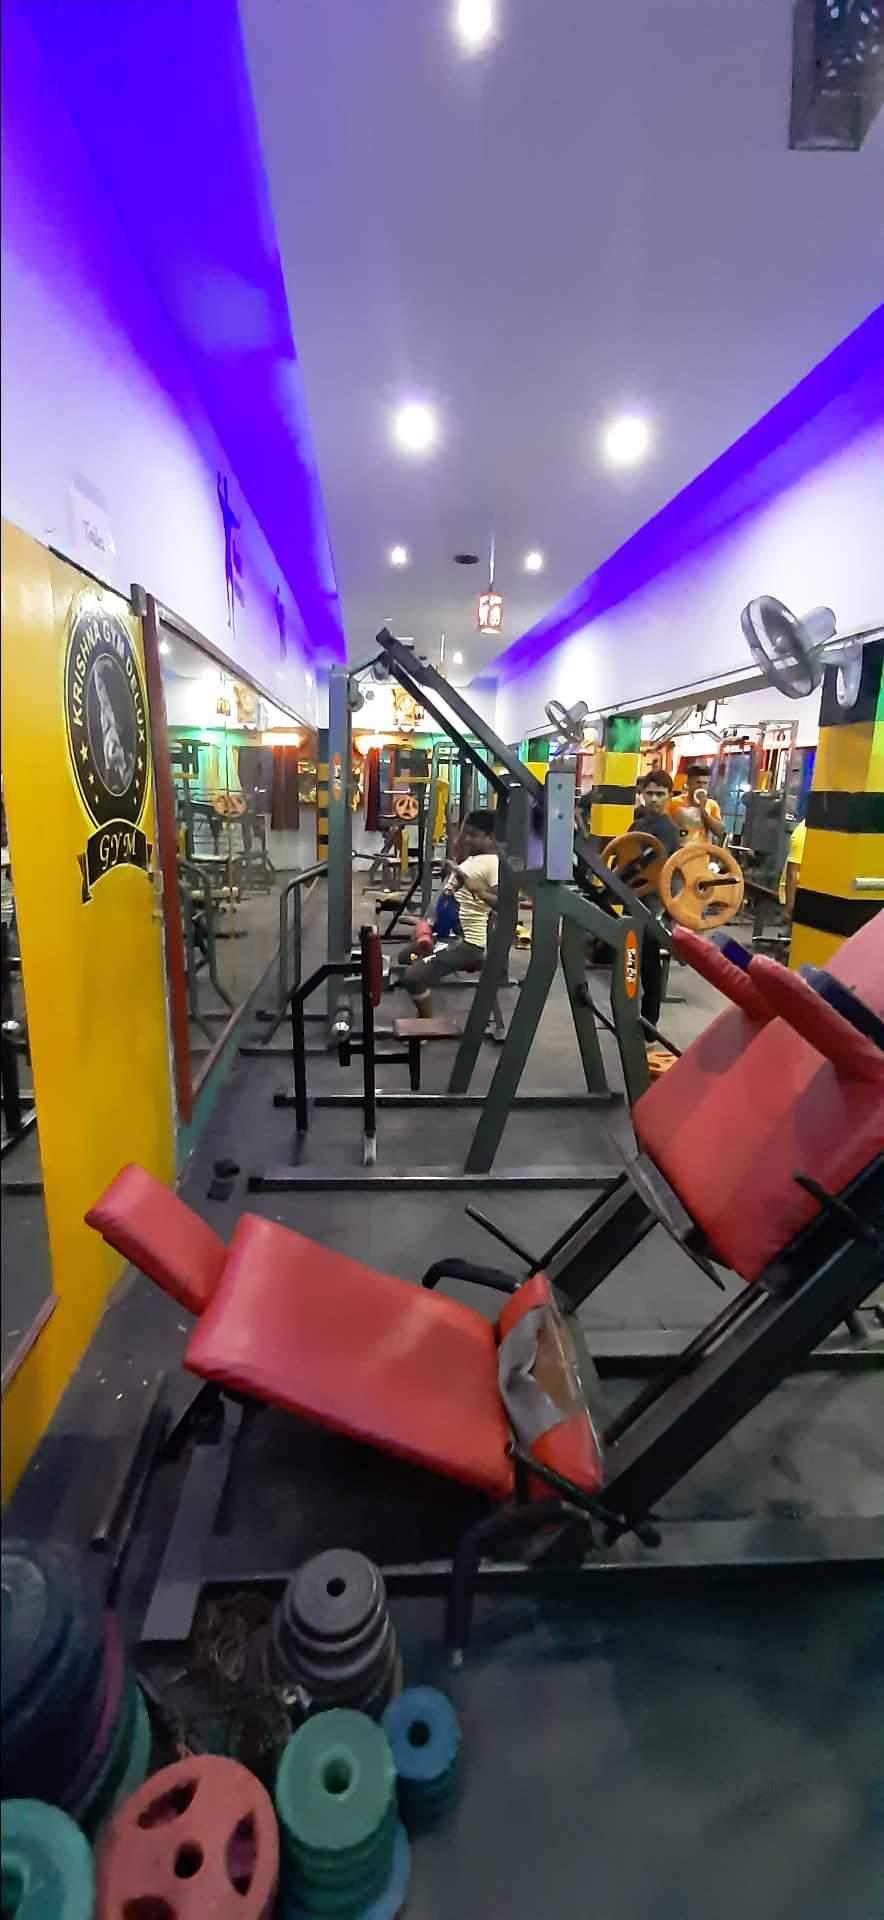 Raw Fitness Zone Gym Rajendra Nagar Gyms In Gorakhpur Justdial